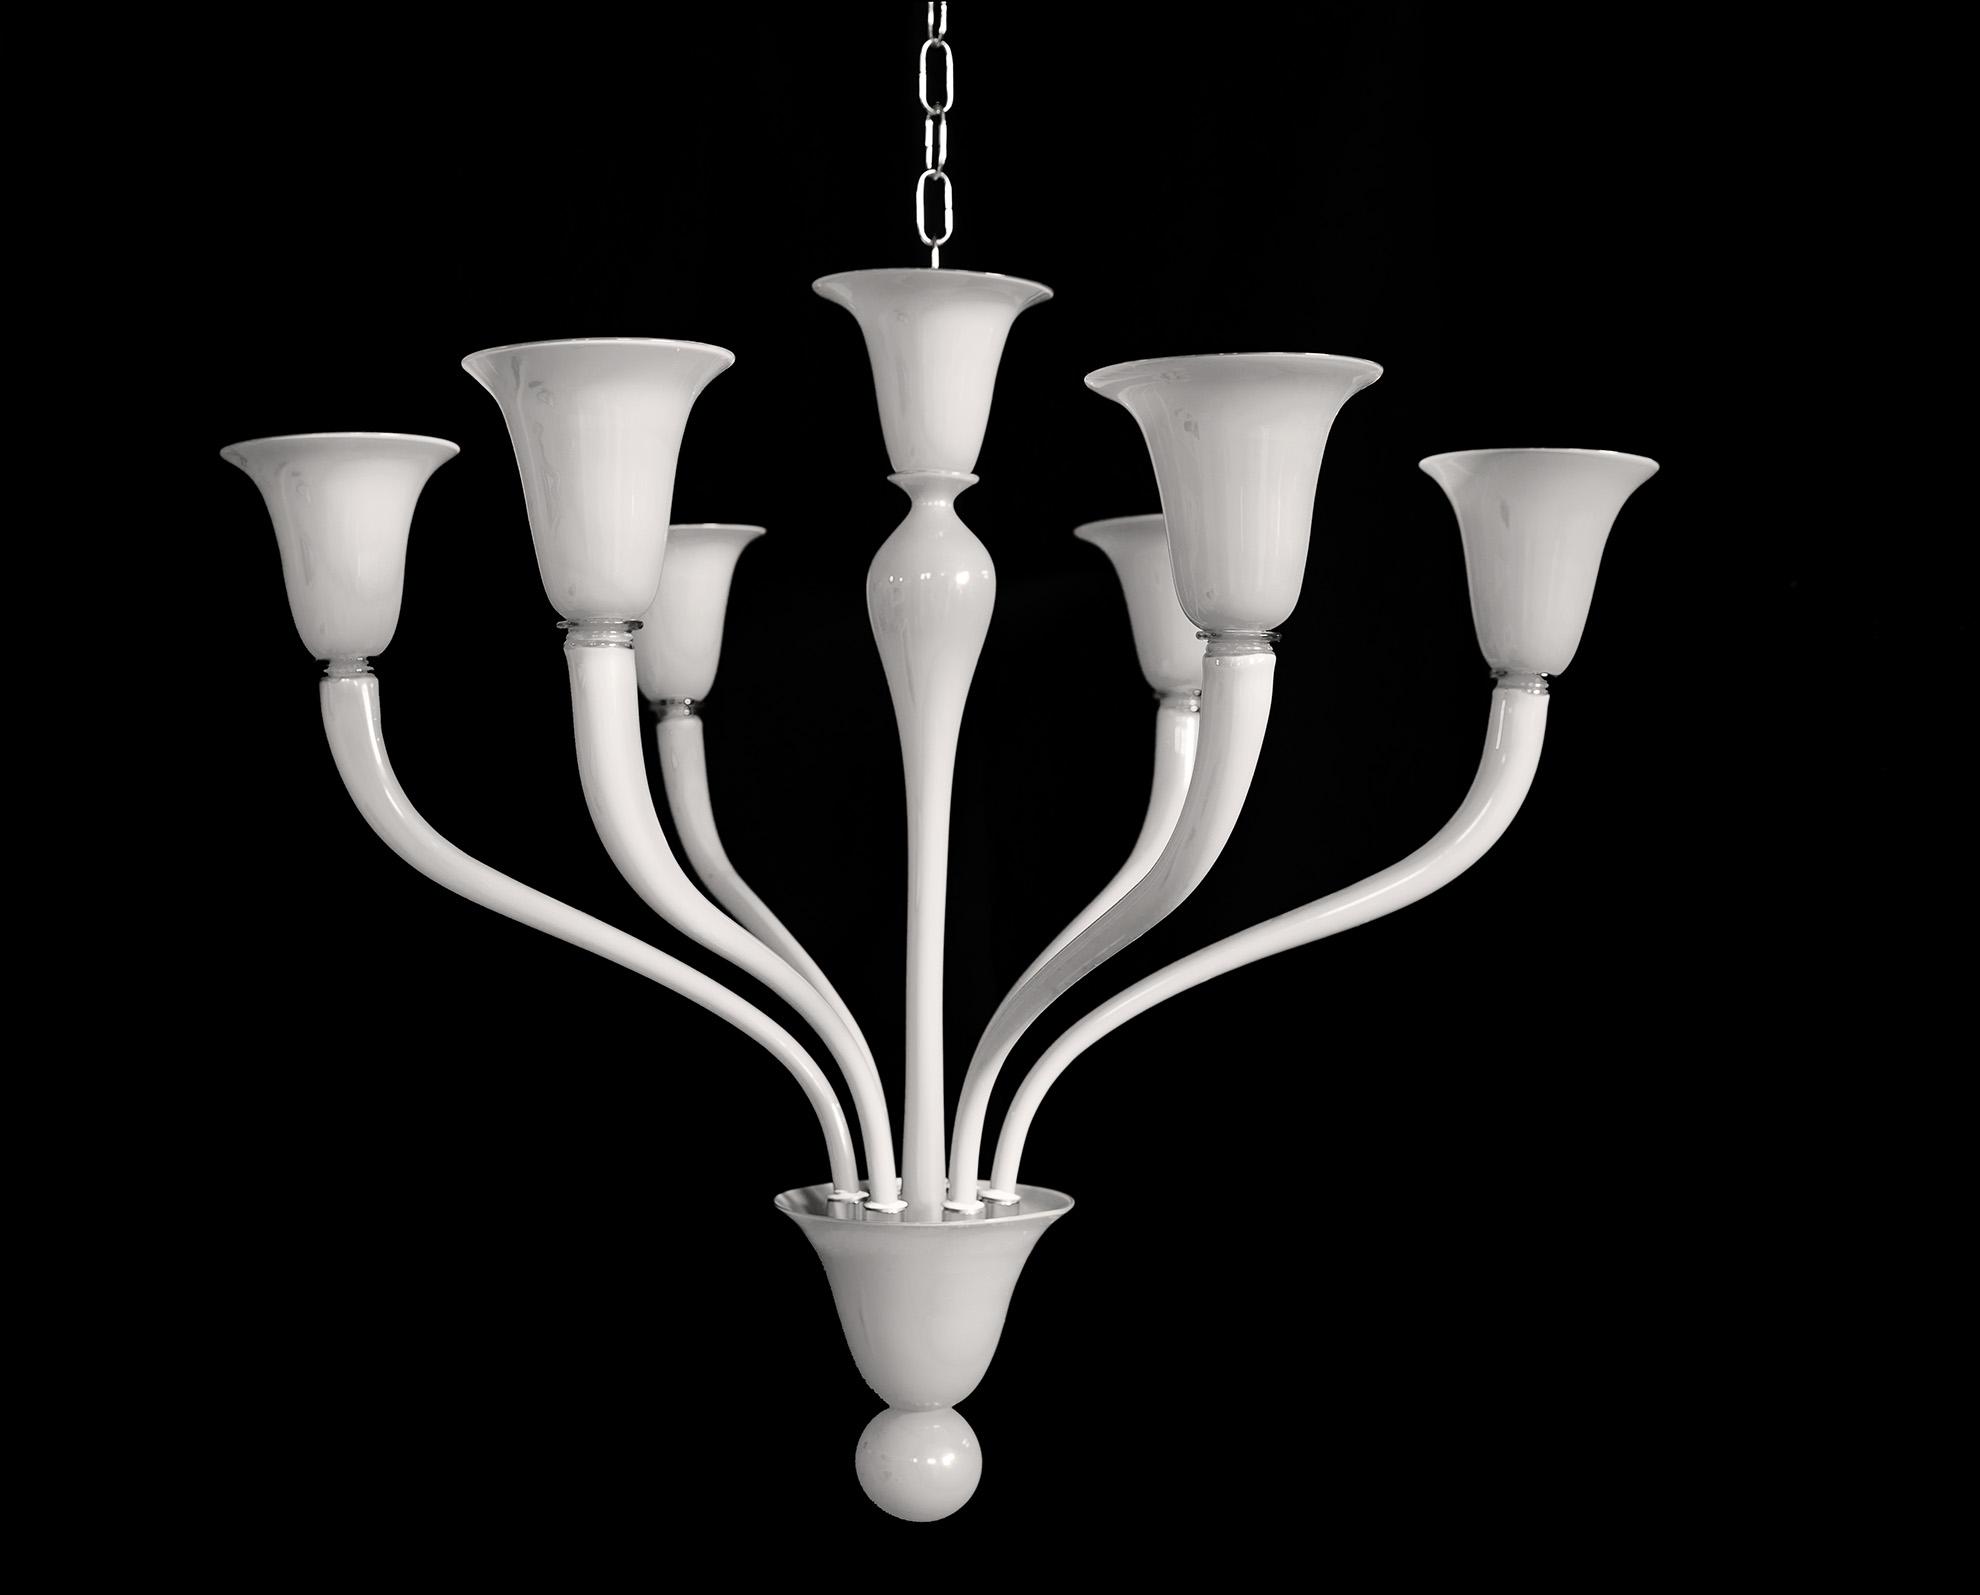 Lampadari murano moderni